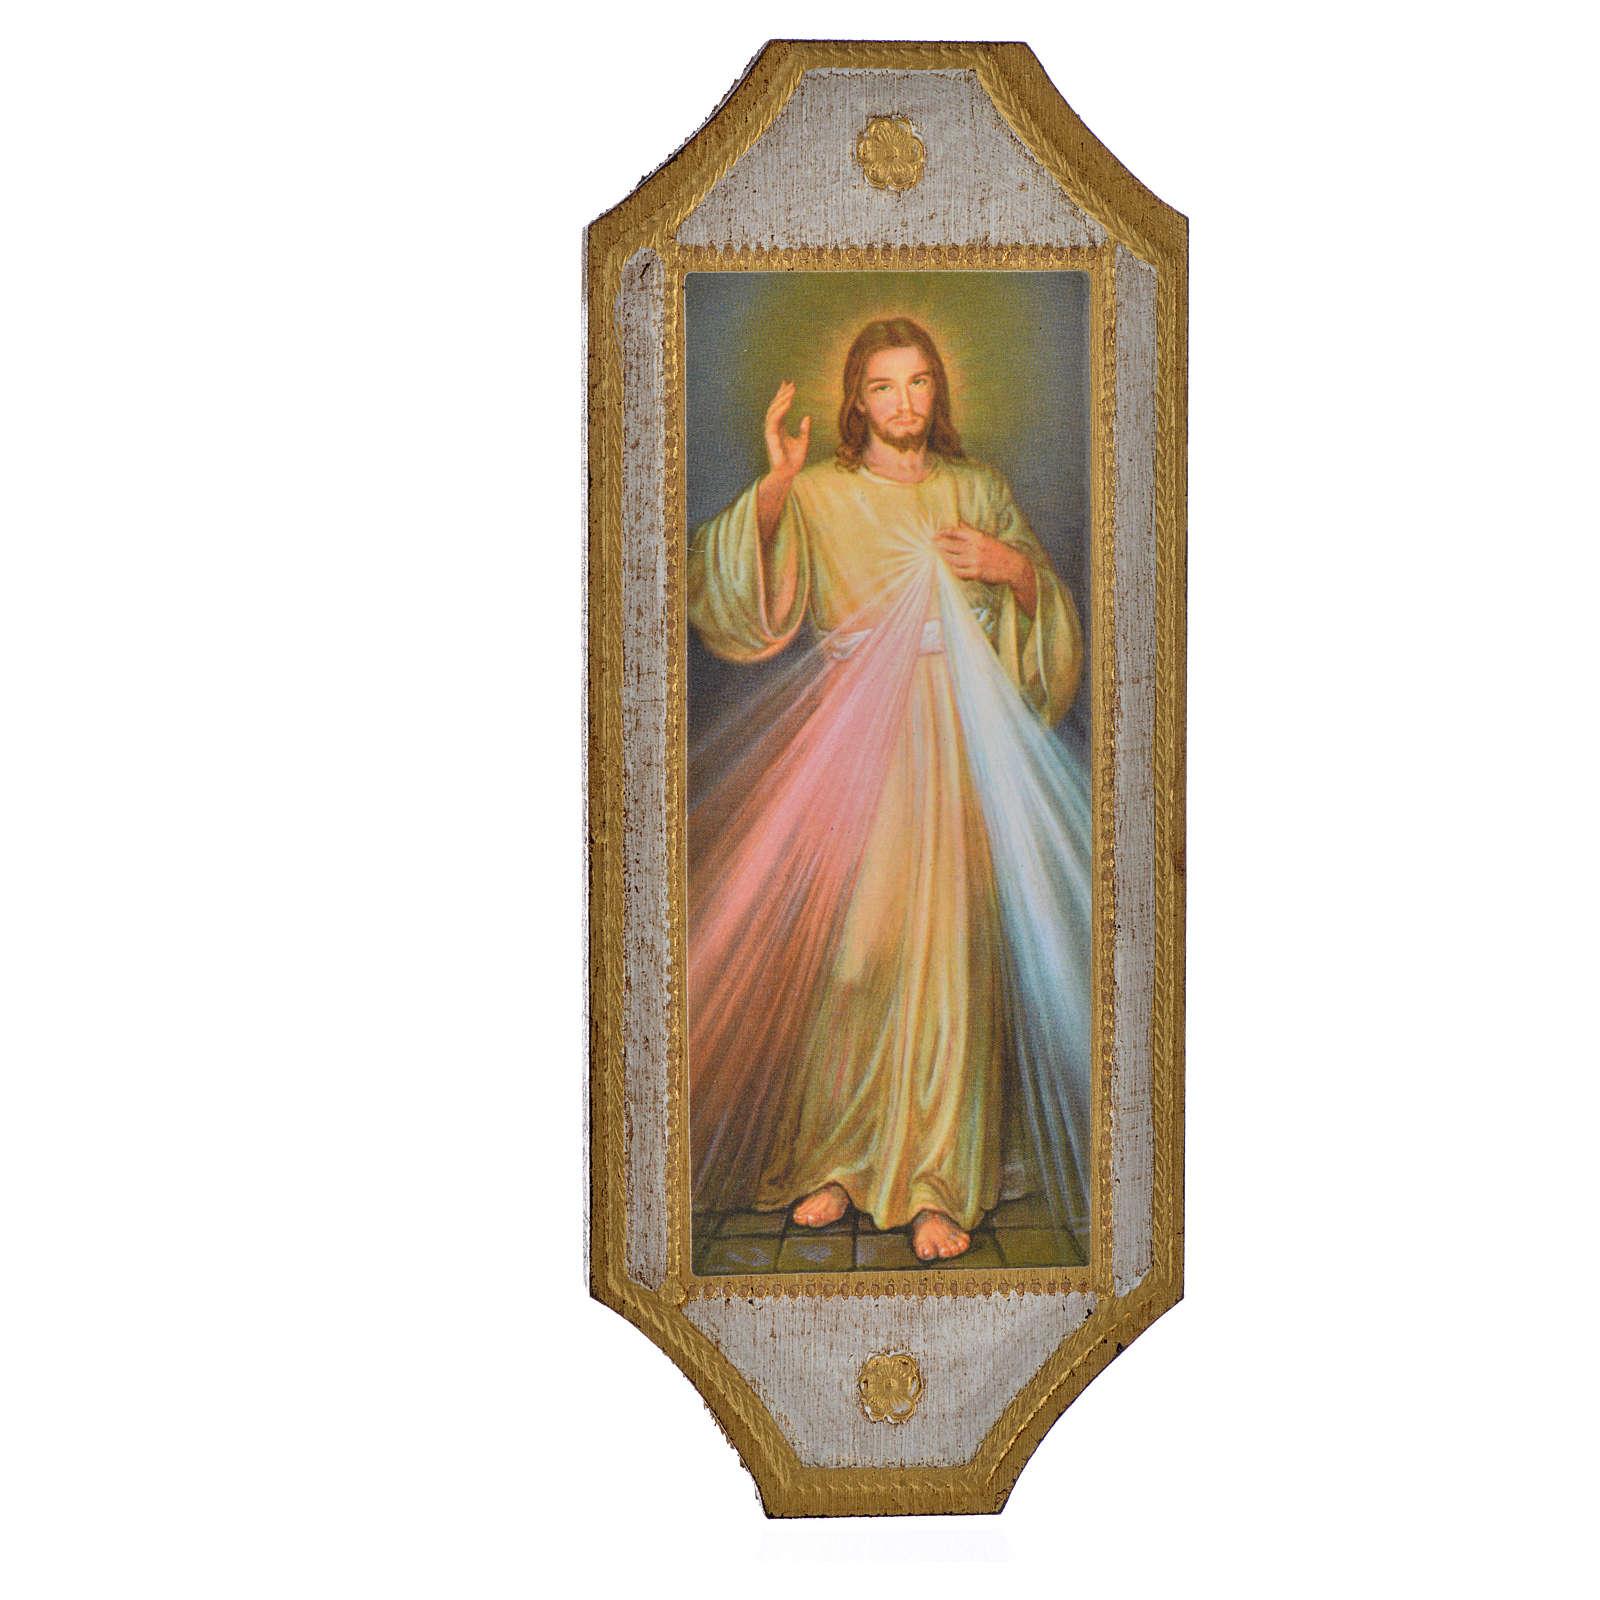 Stampa su legno Divina Misericordia 18,5x7,5 3